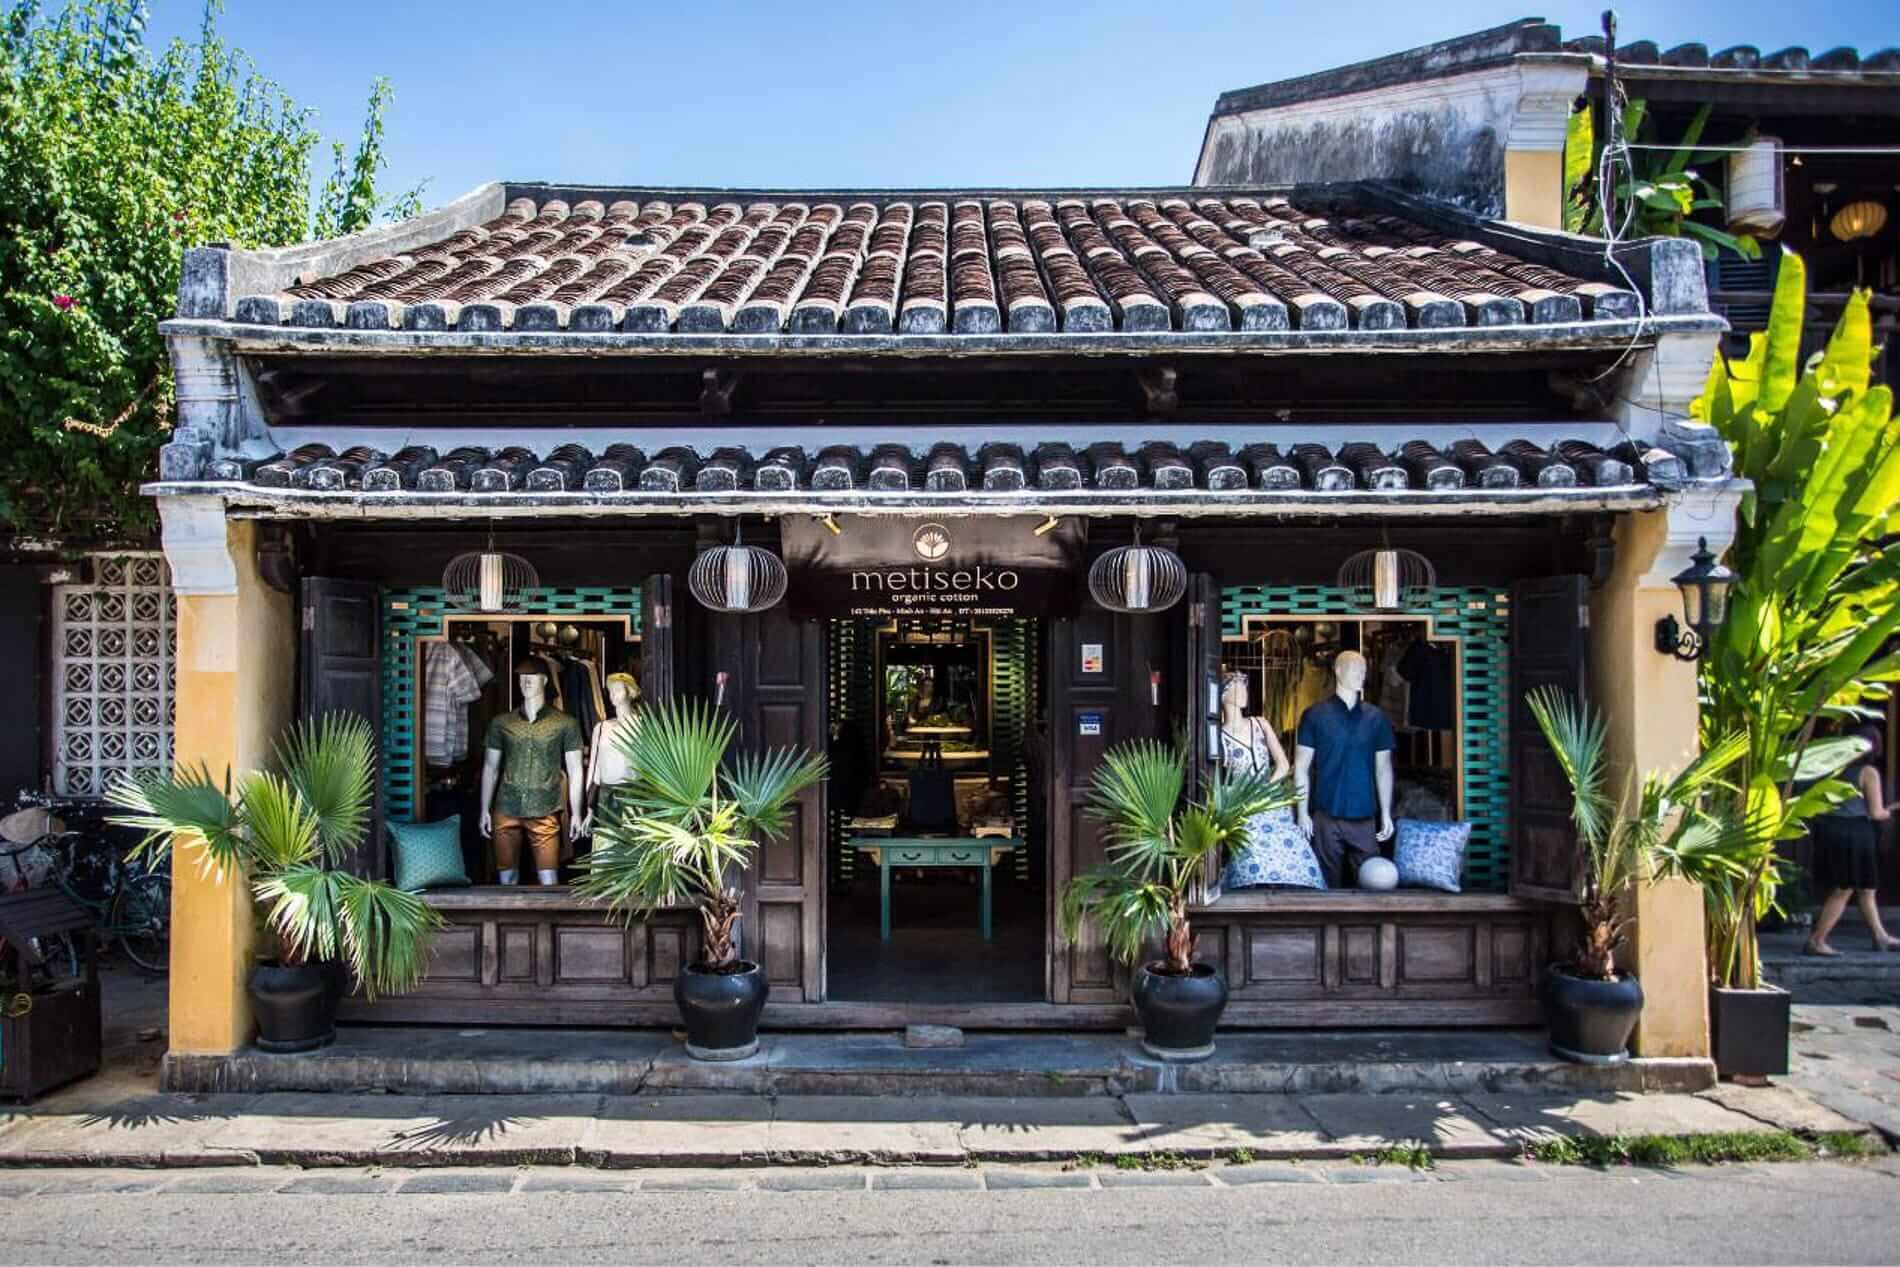 Metiseko clothing shop - Hoi An Shopping Guide